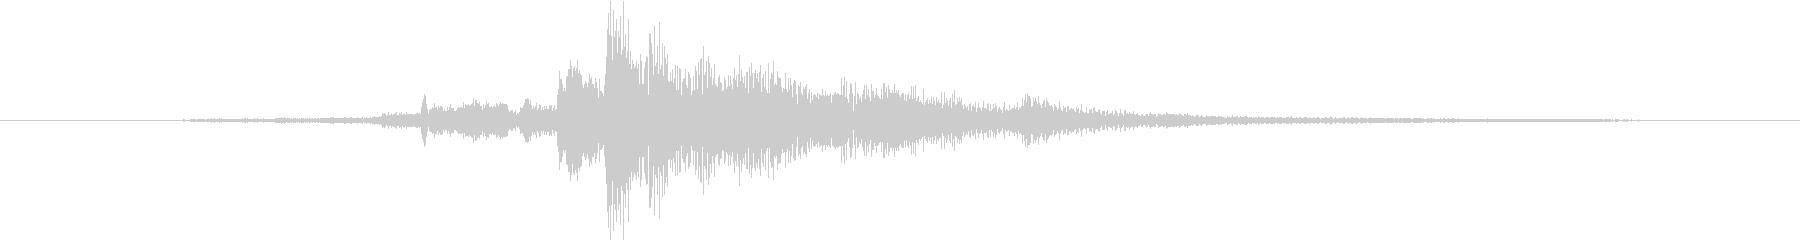 カギを入手した音・チャキッという金属音2の未再生の波形